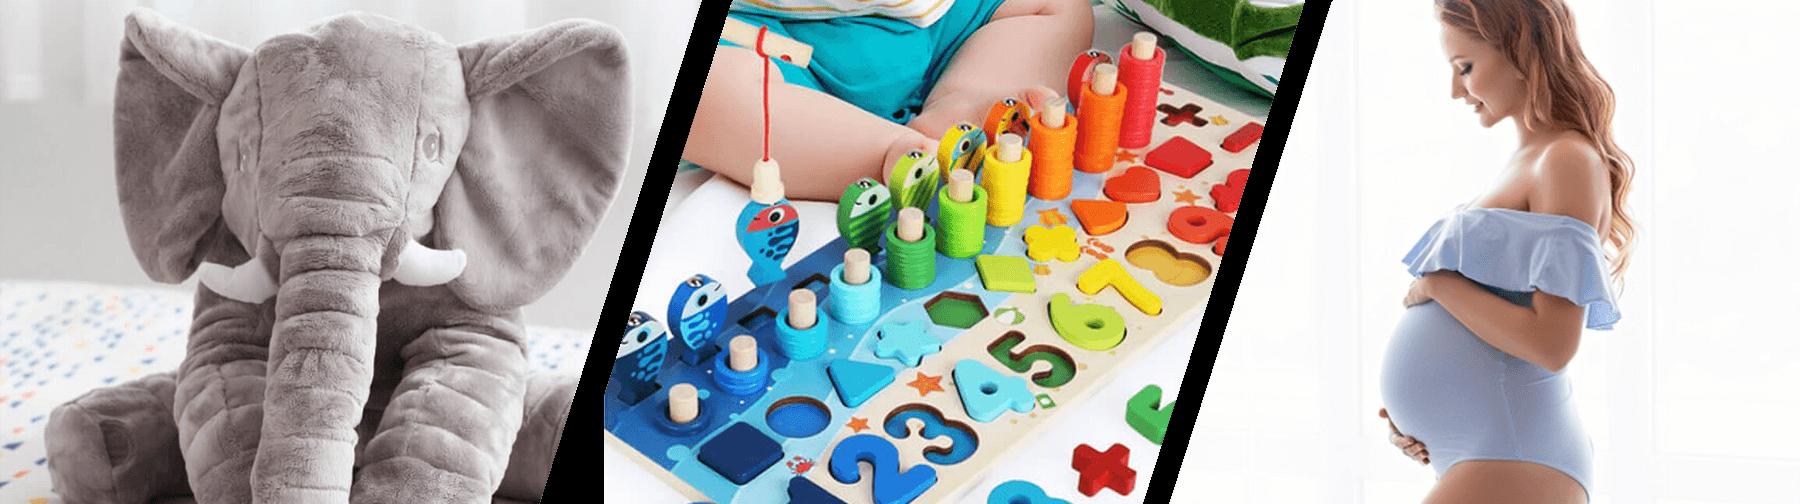 Totul pentru femeile însărcinate, mame și copiii. Jucării pentru copii, elefanți de pluș, jucării educative, montessori